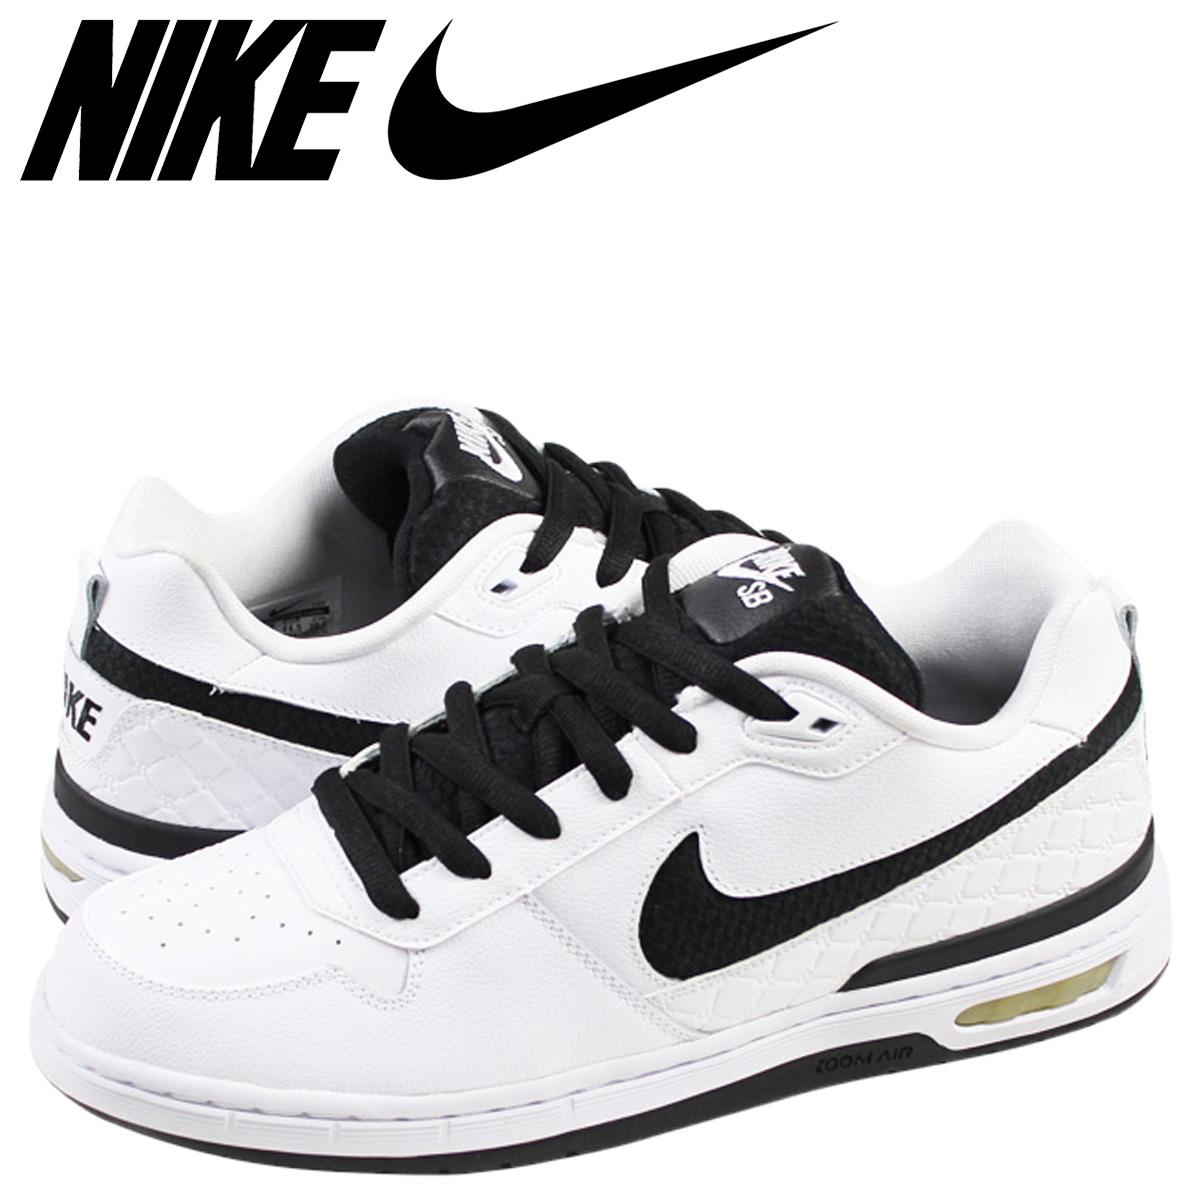 detailed look cf915 5738d NIKE Nike sneakers SB PAUL RODRIGUEZ ZOOM AIR LOW SB Paul Rodriguez zoom air  low 310802 ...